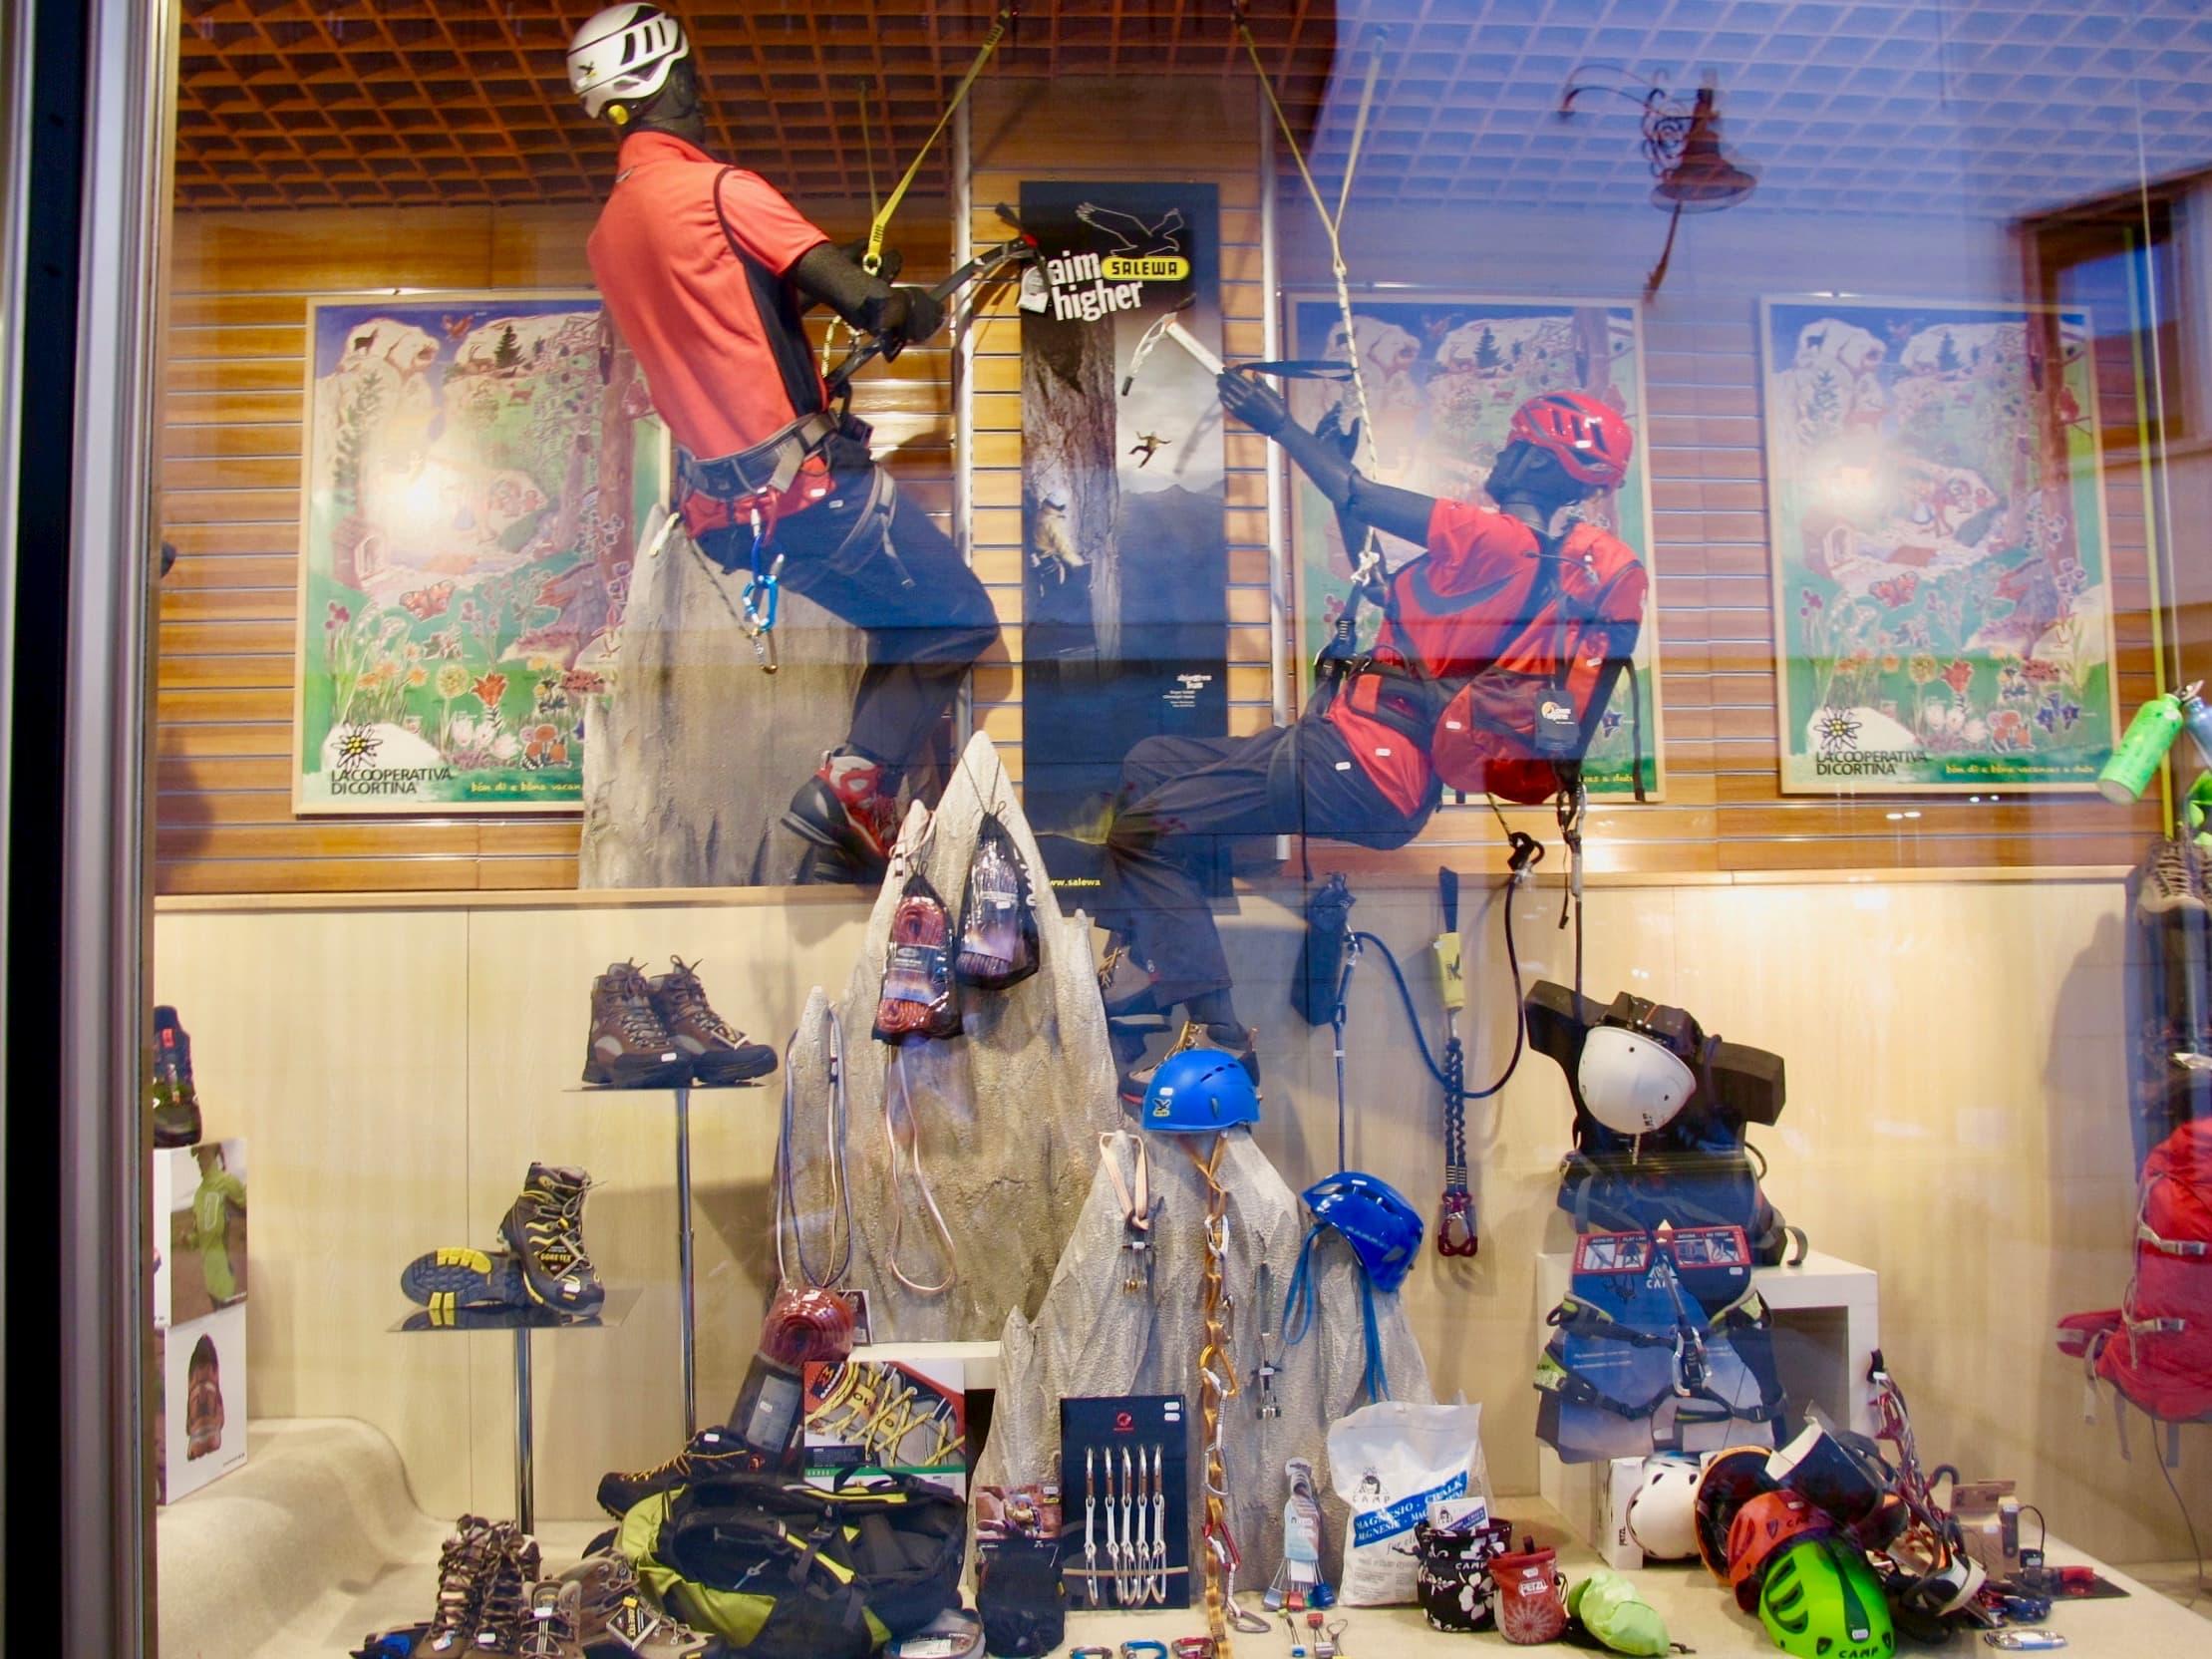 コルティーナ・ダンペッツォの中心部にある登山用品店